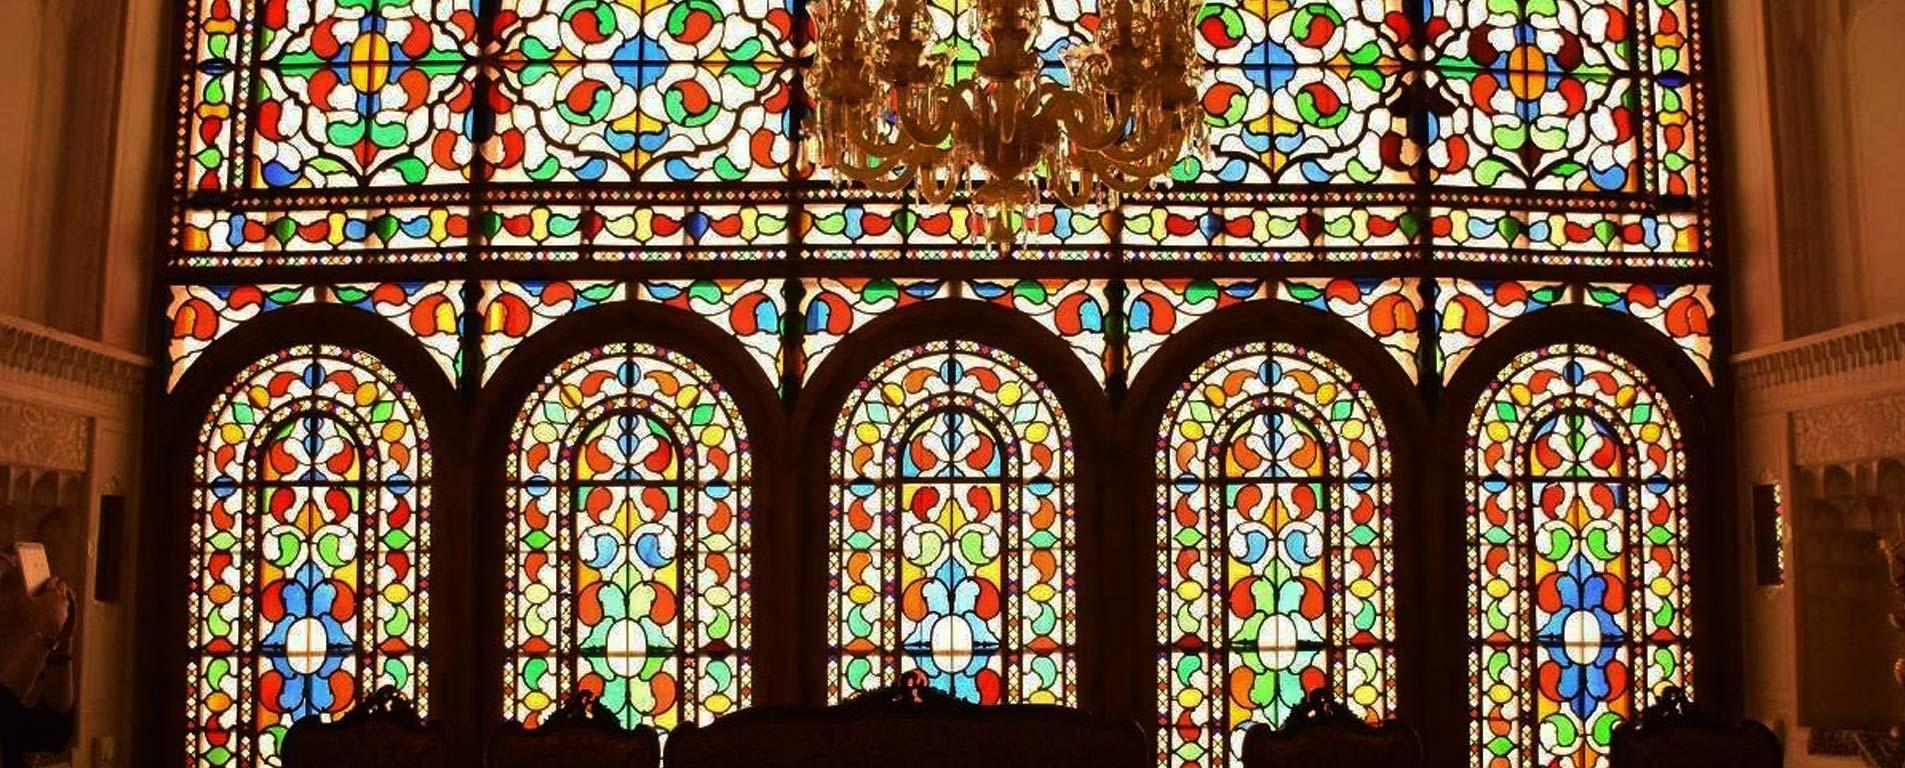 خانه های تاریخی اصفهان ، تکههایی به جا مانده از گذشته